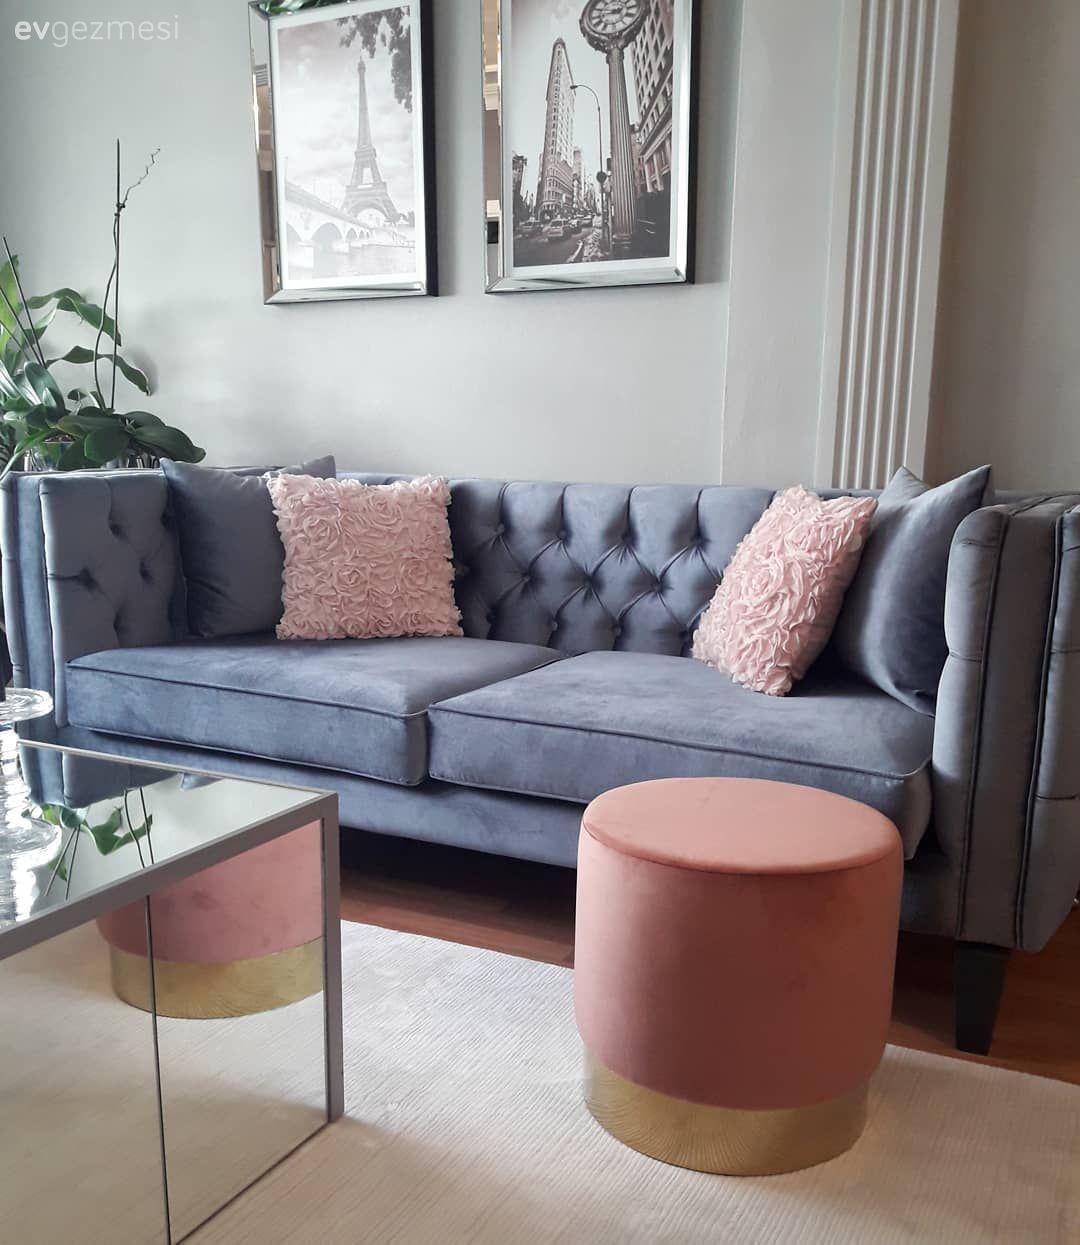 Bu Yenilenen Ev Harika Kucuk Alan Fikirleriyle Dolu Ev Gezmesi Oturma Odasi Fikirleri Ikea Oturma Odasi Oturma Odasi Dekorasyonu